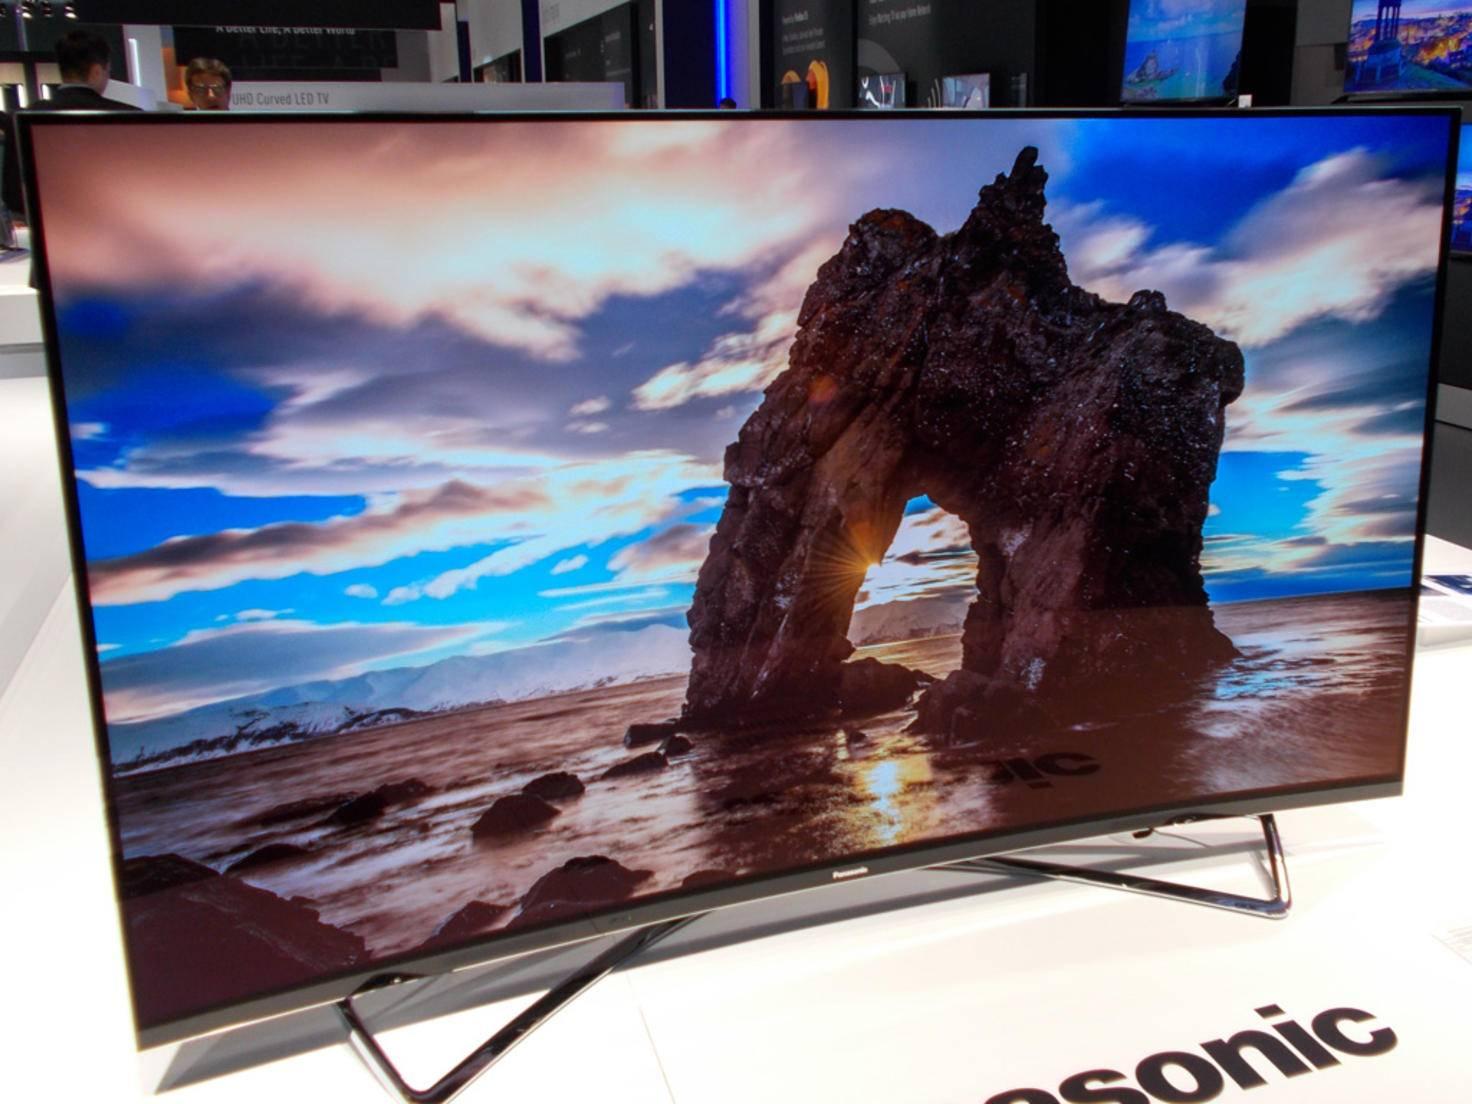 Der OLED-Fernseher von Panasonic überzeugt mit brillanten Bildern.